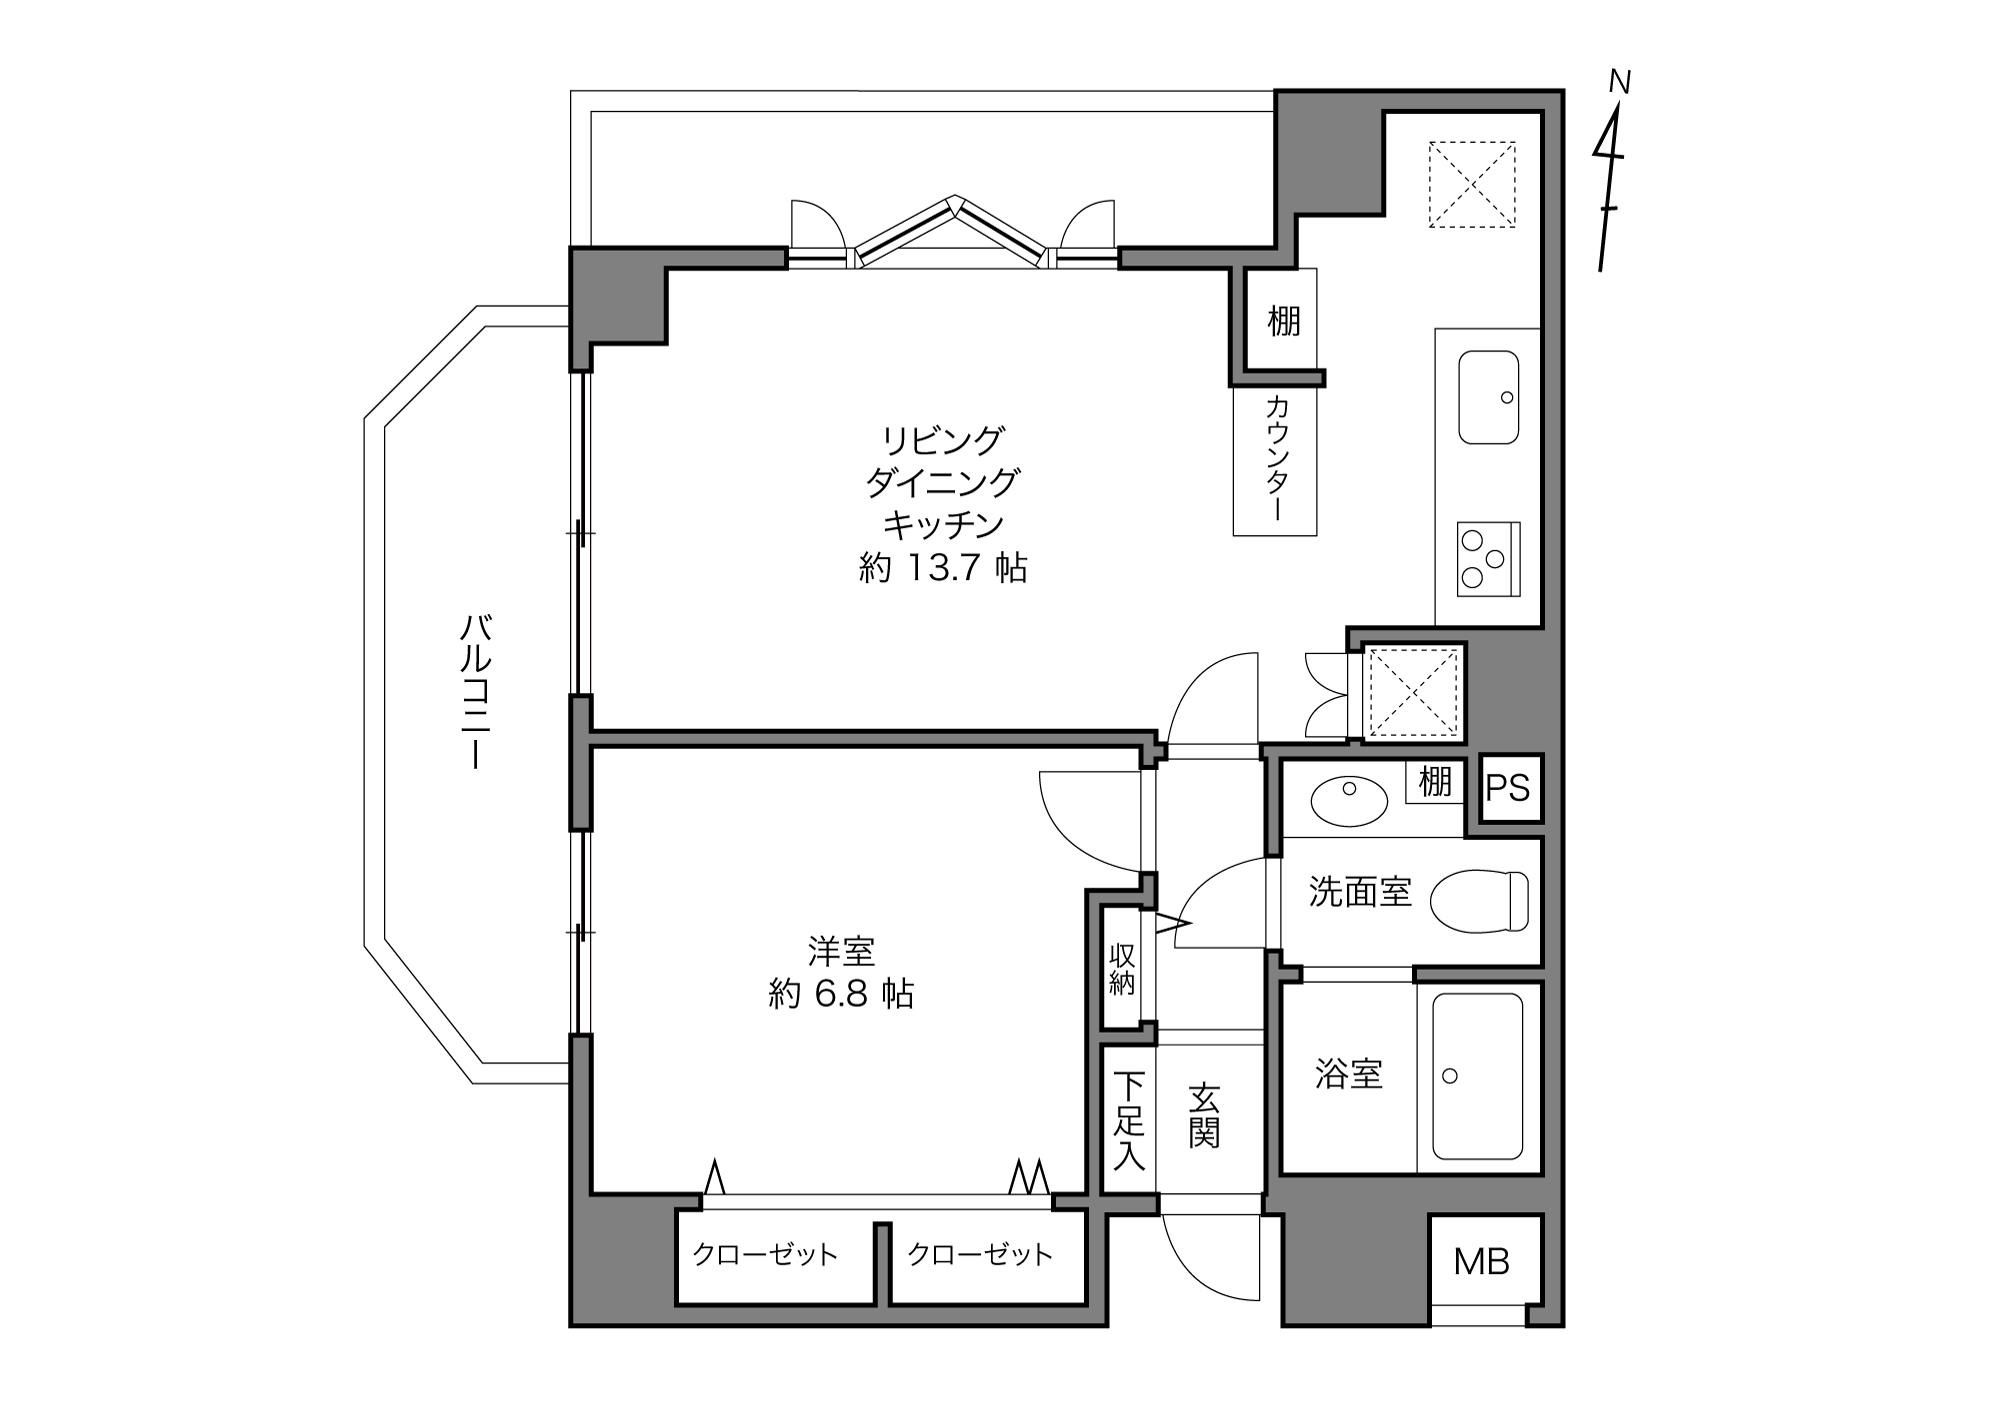 大崎駅 / 1LDK+STO / 46.81㎡